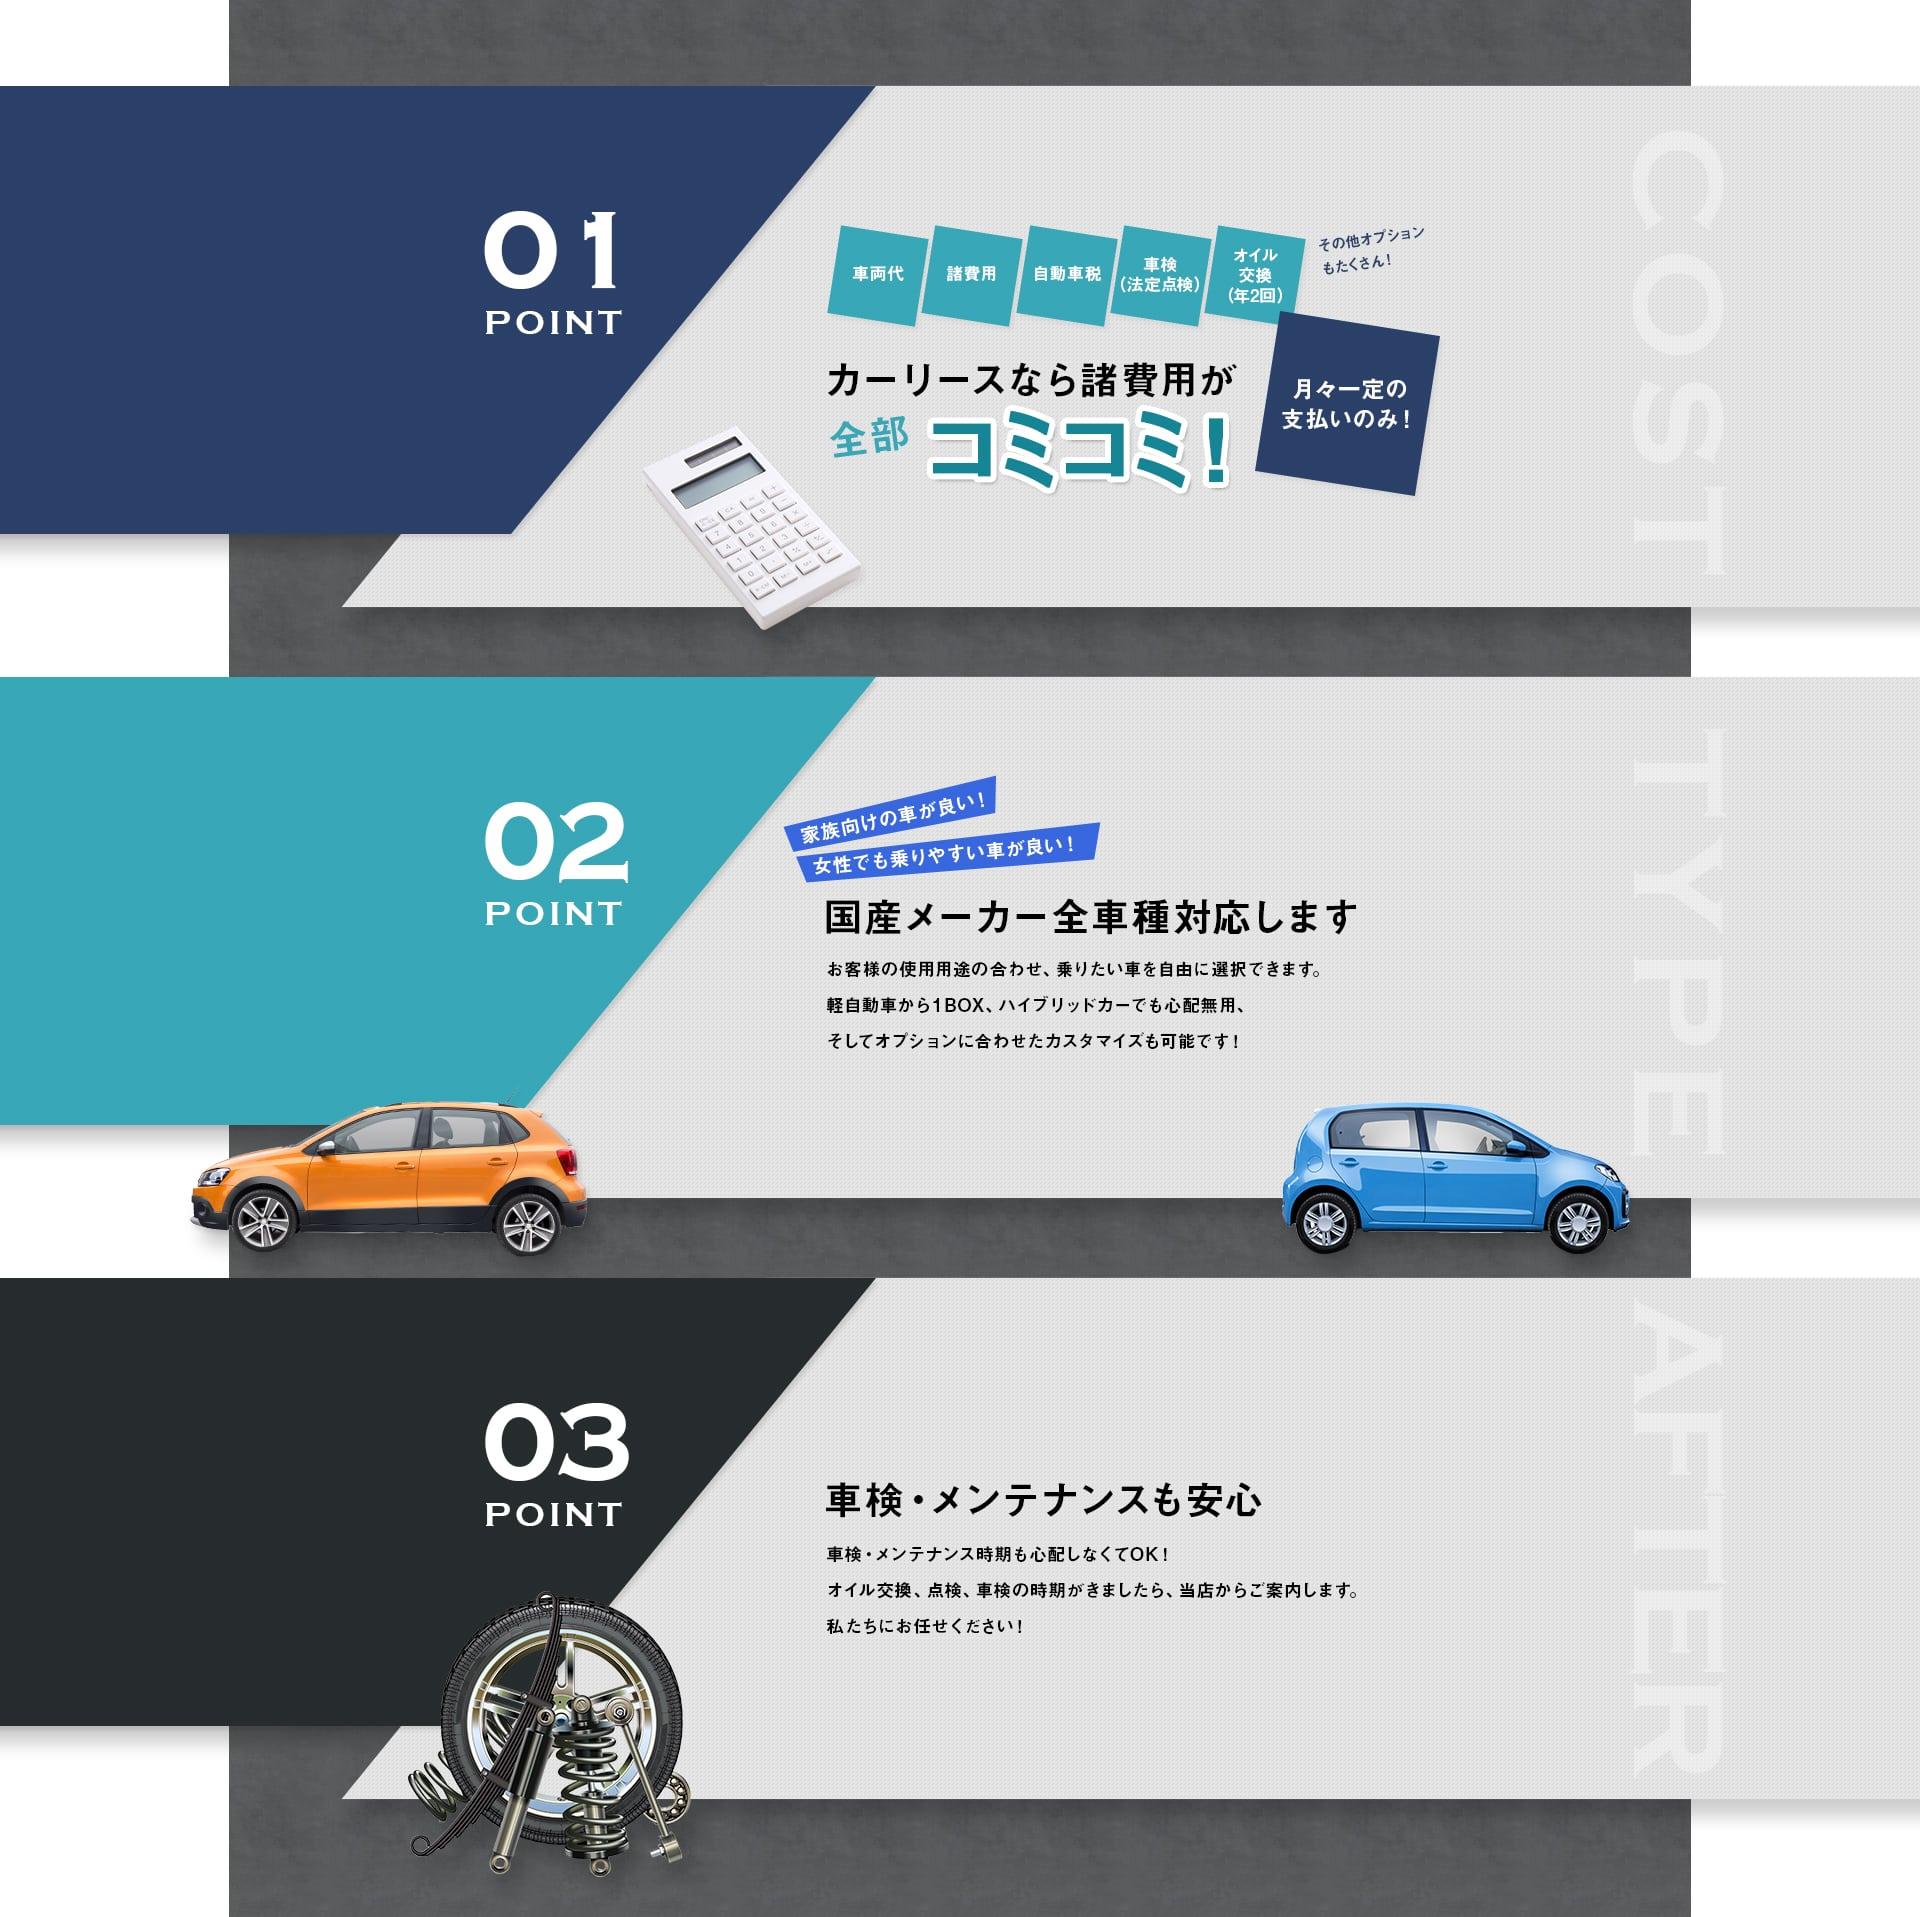 01カーリースなら諸費用が全部コミコミ! 02国産メーカー全車種対応します 03車検・メンテナンスも安心